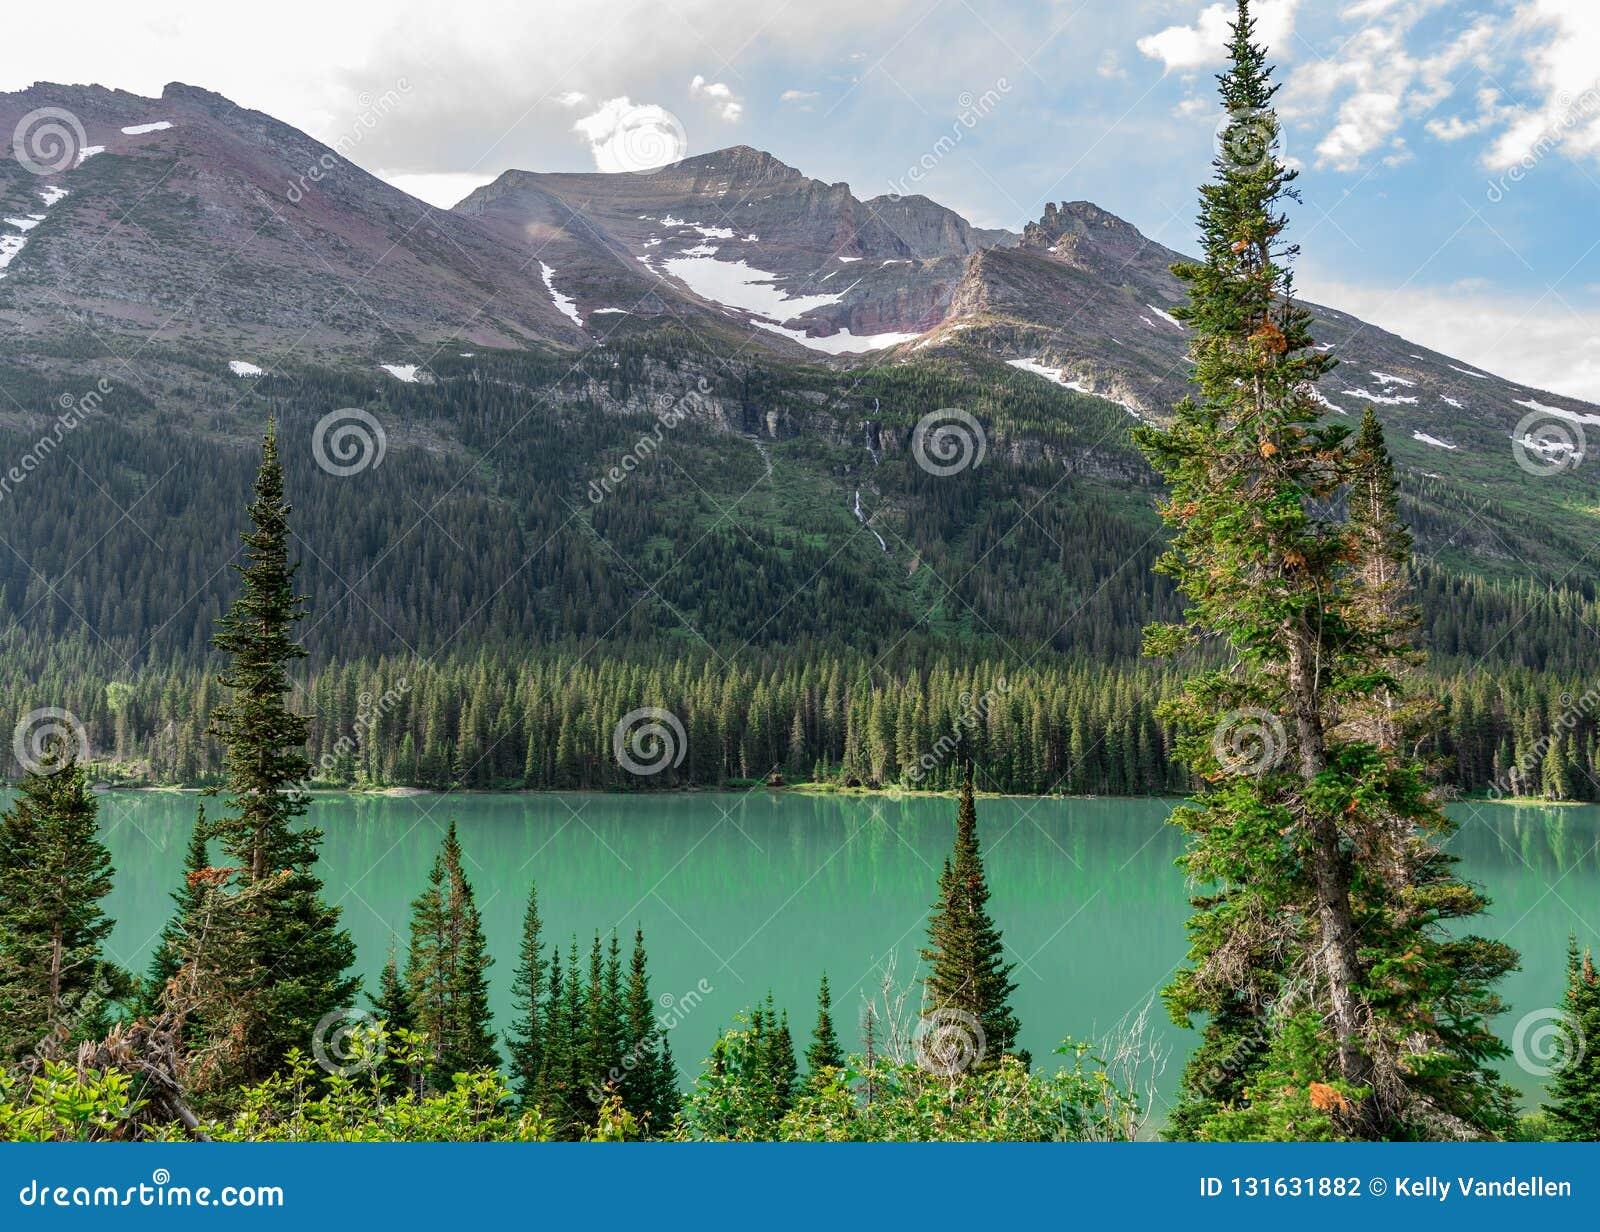 Grünes Wasser von See Josephine Reflect Forest und von Bergen